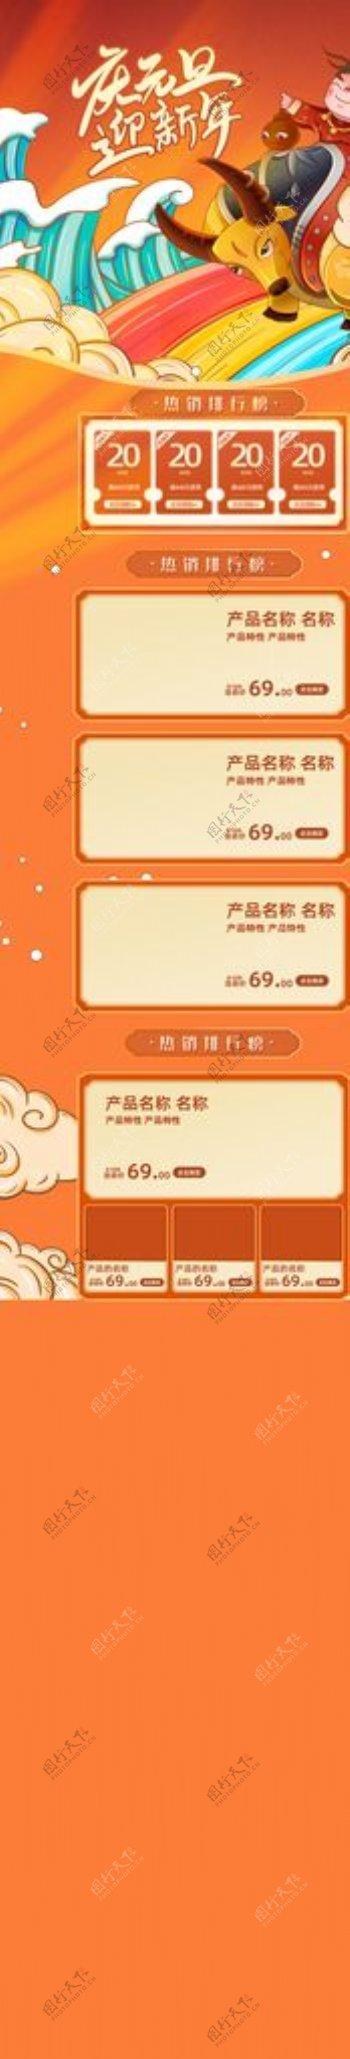 橙色中国风年终大促首页设计图片